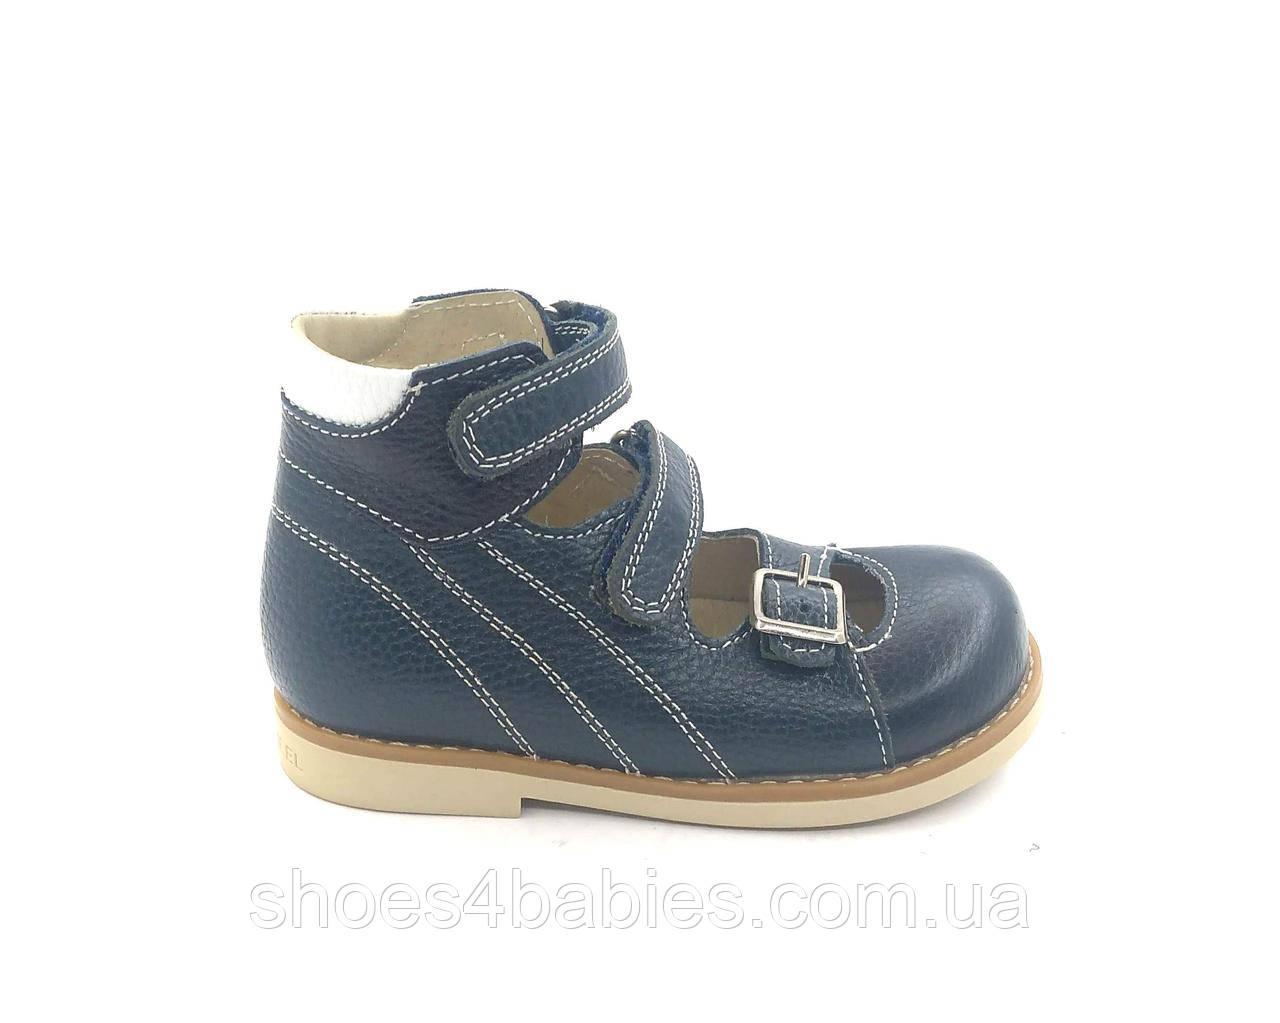 Туфли ортопедические для вальгуса Ecoby 108В р. 25 - 16,5см